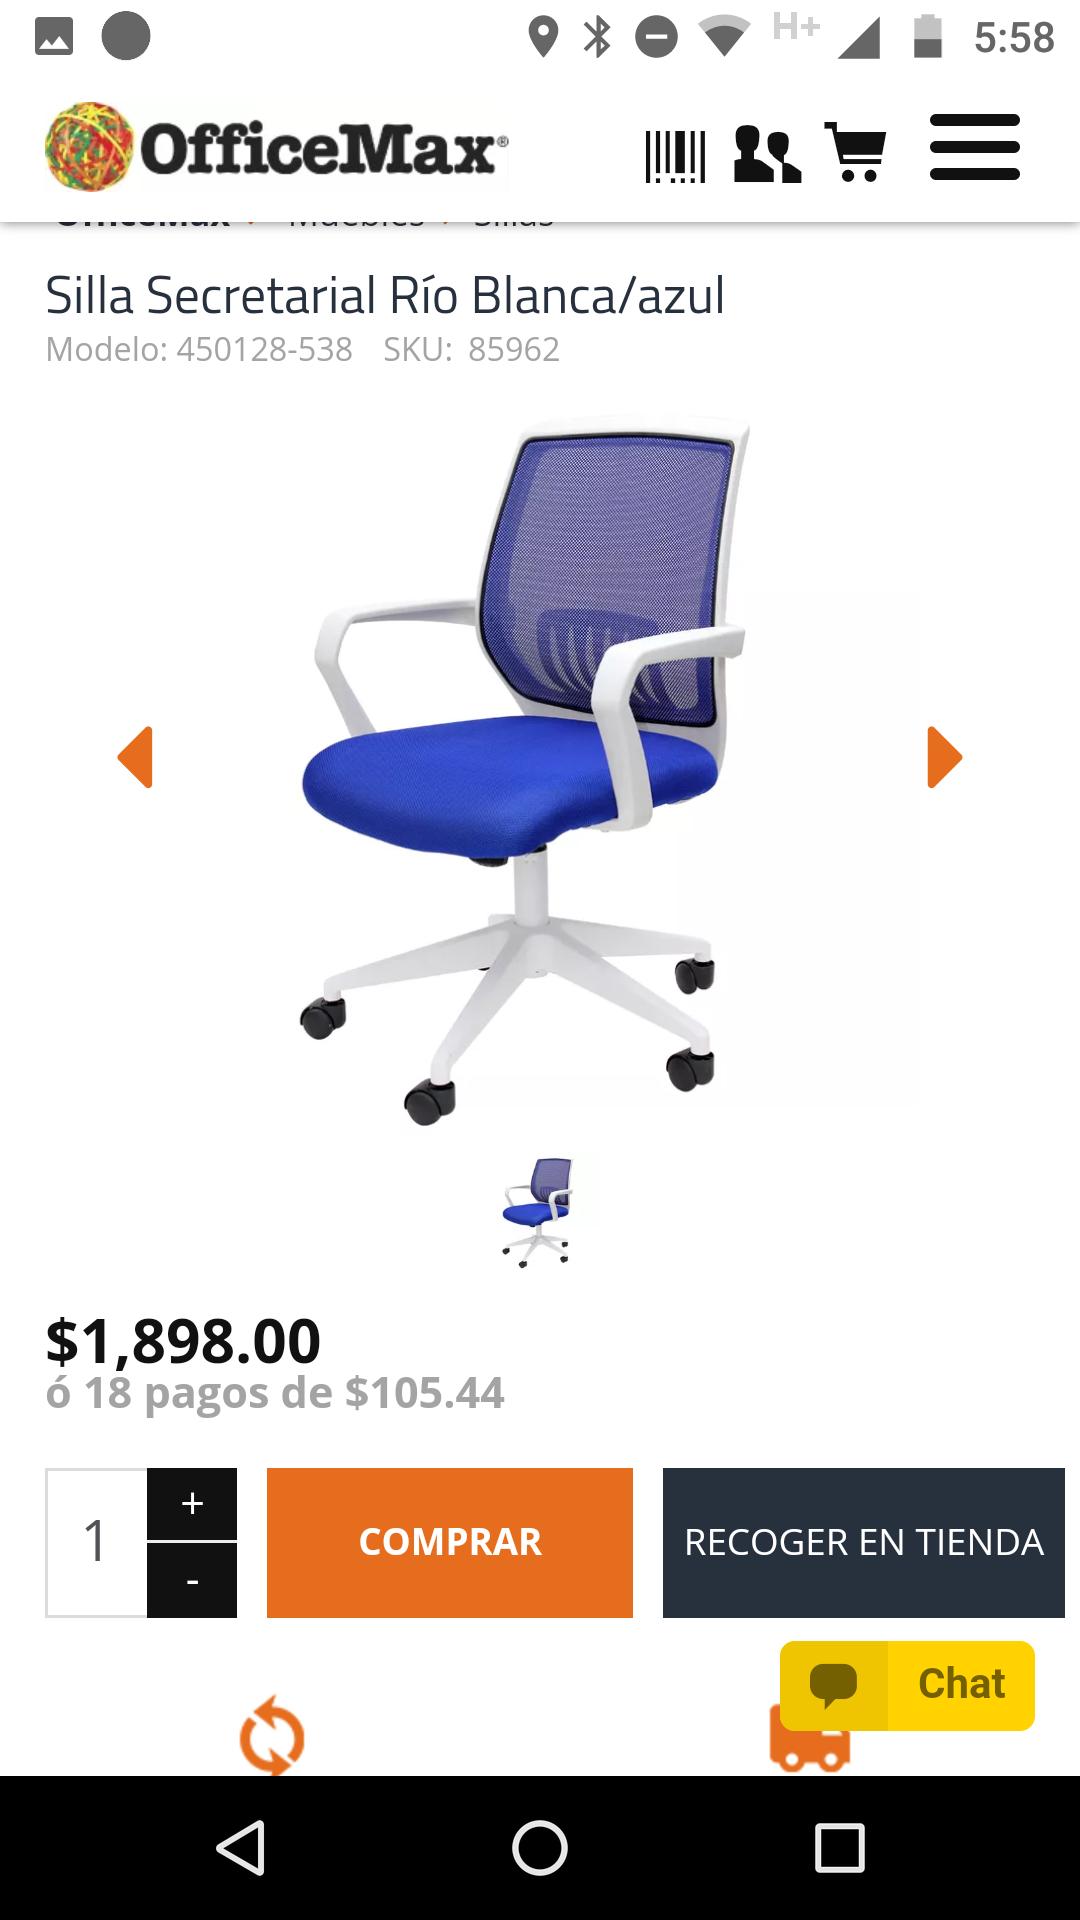 OfficeMax: Silla secretarial 40% descuento tienda